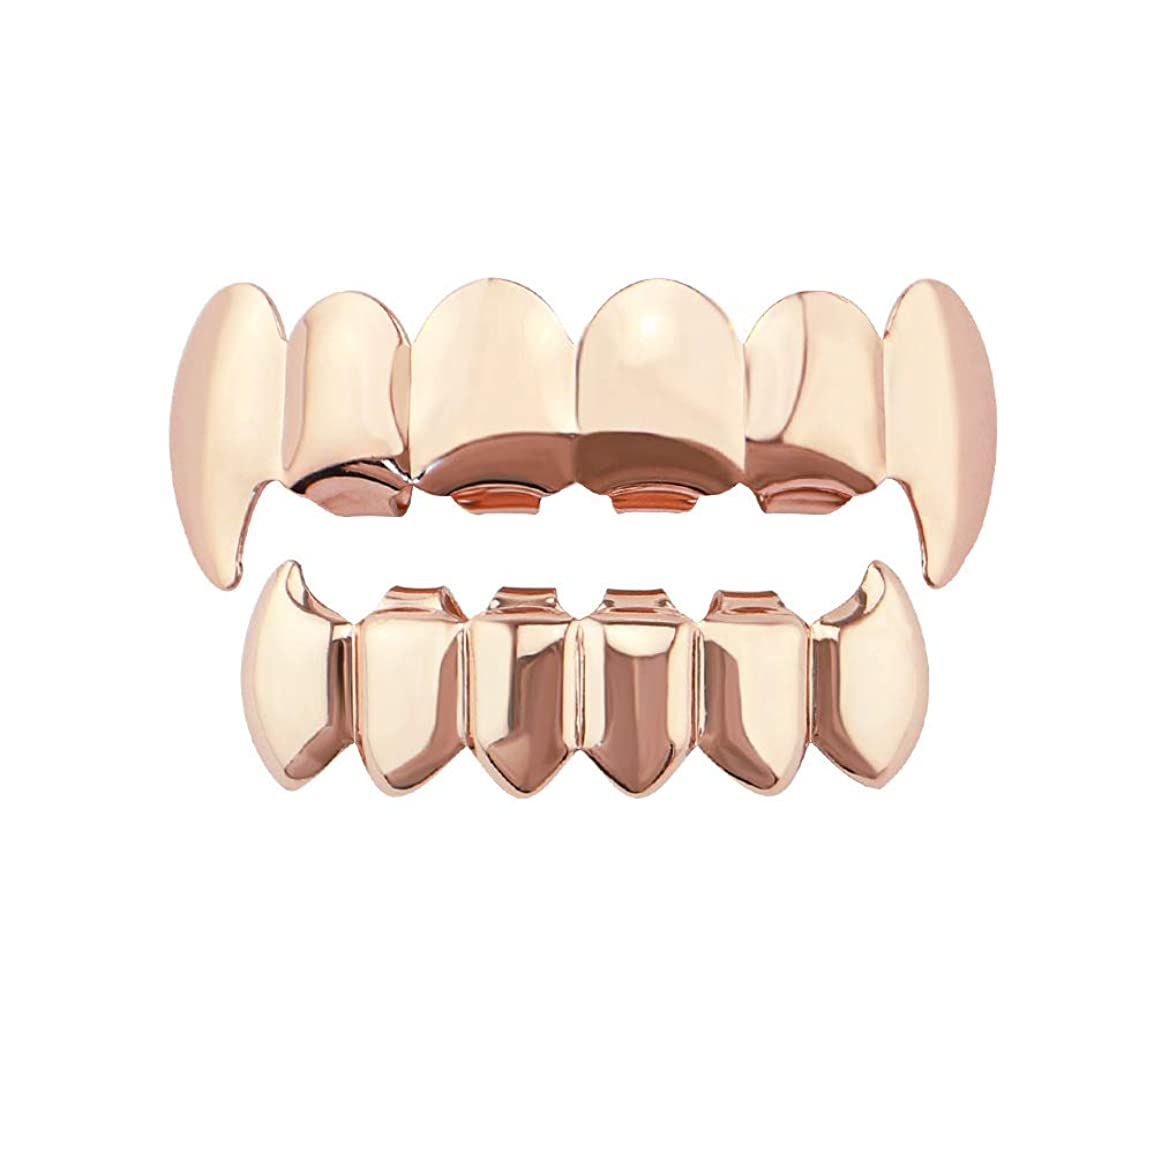 モンク年次テザーYHDD 光沢のあるヒップホップ歯の上と下の歯の吸血鬼の牙のグリルは、Holleweenのギフトのために設定します。 (色 : ローズゴールド)